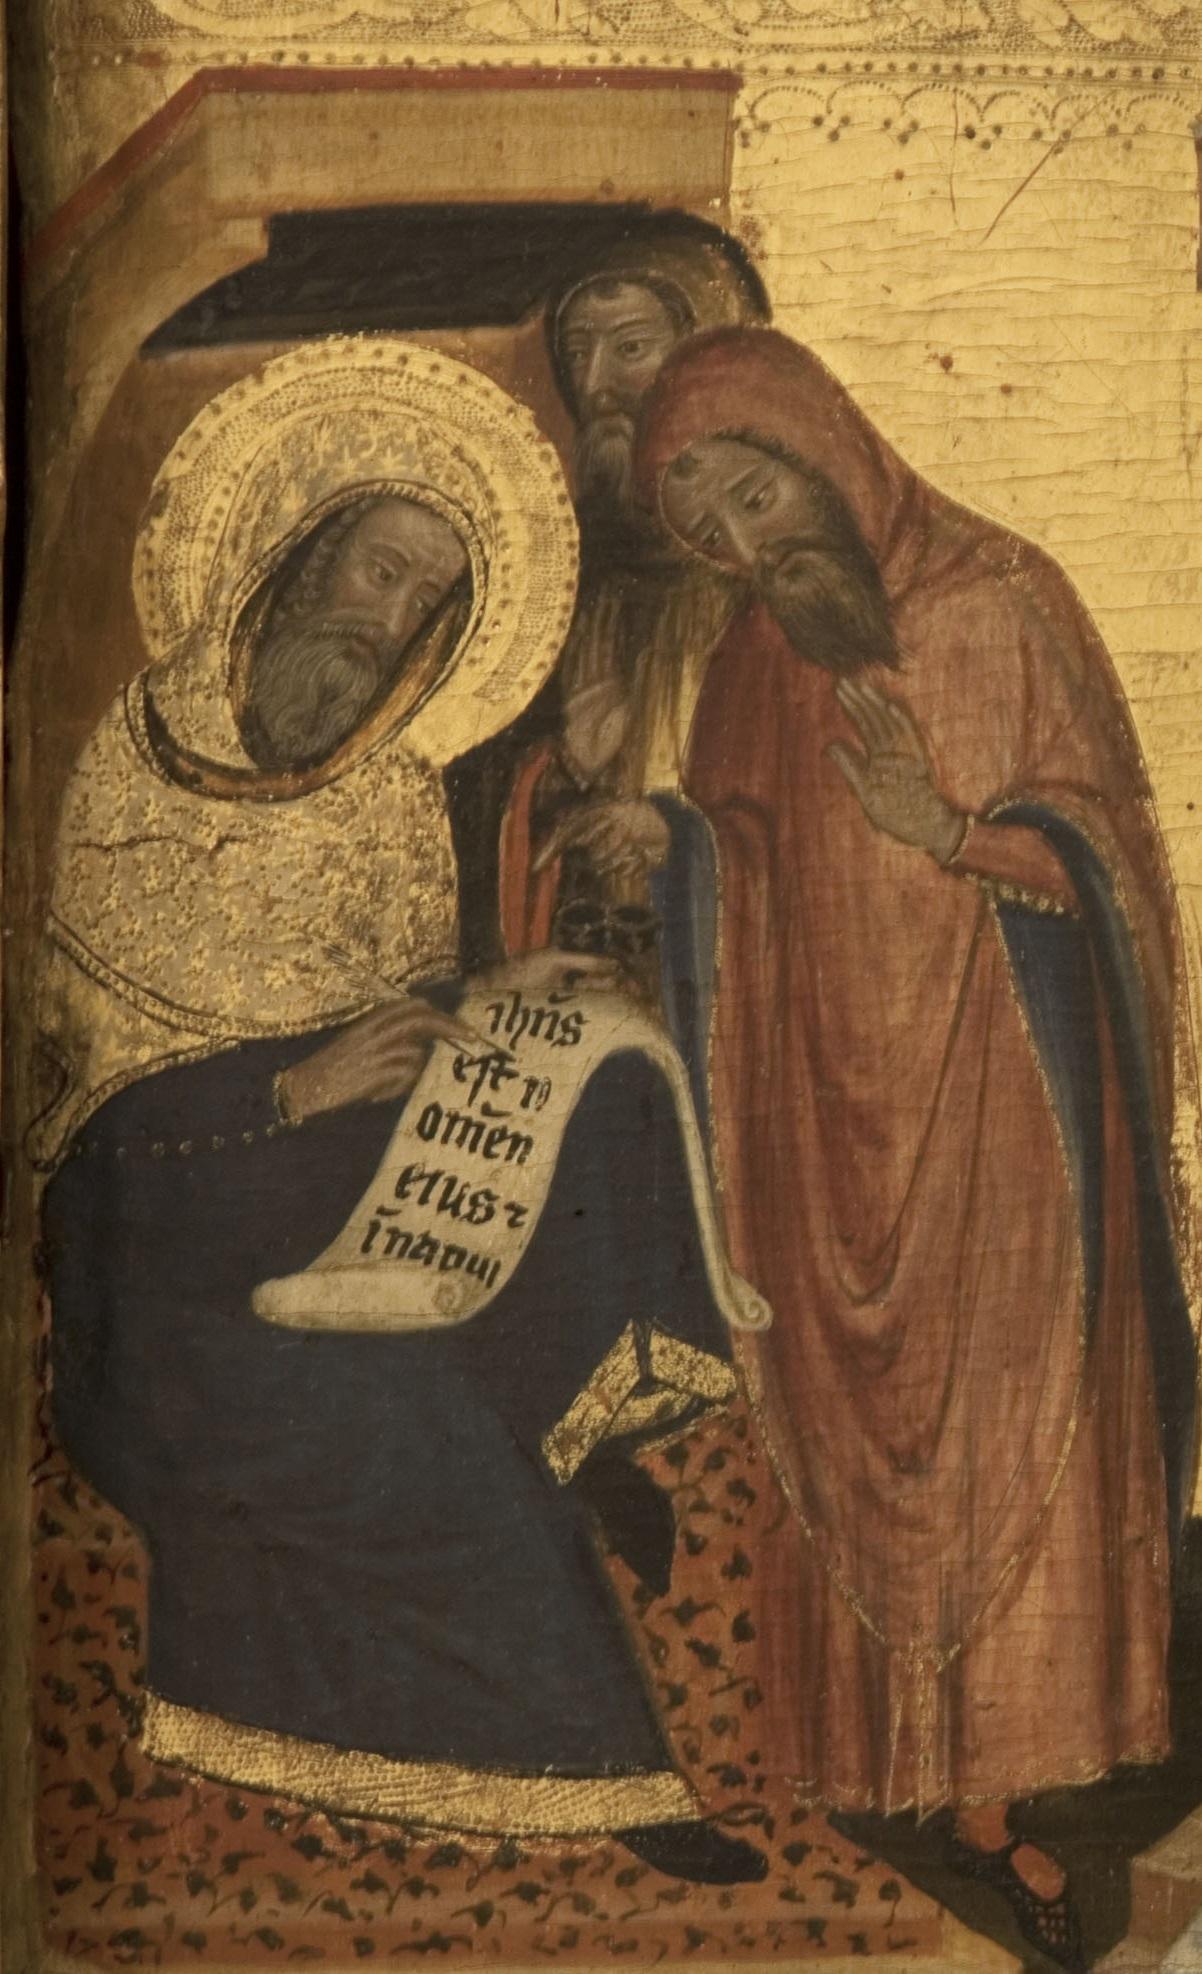 Retaule dels sants Joans de Santa Coloma de Queralt